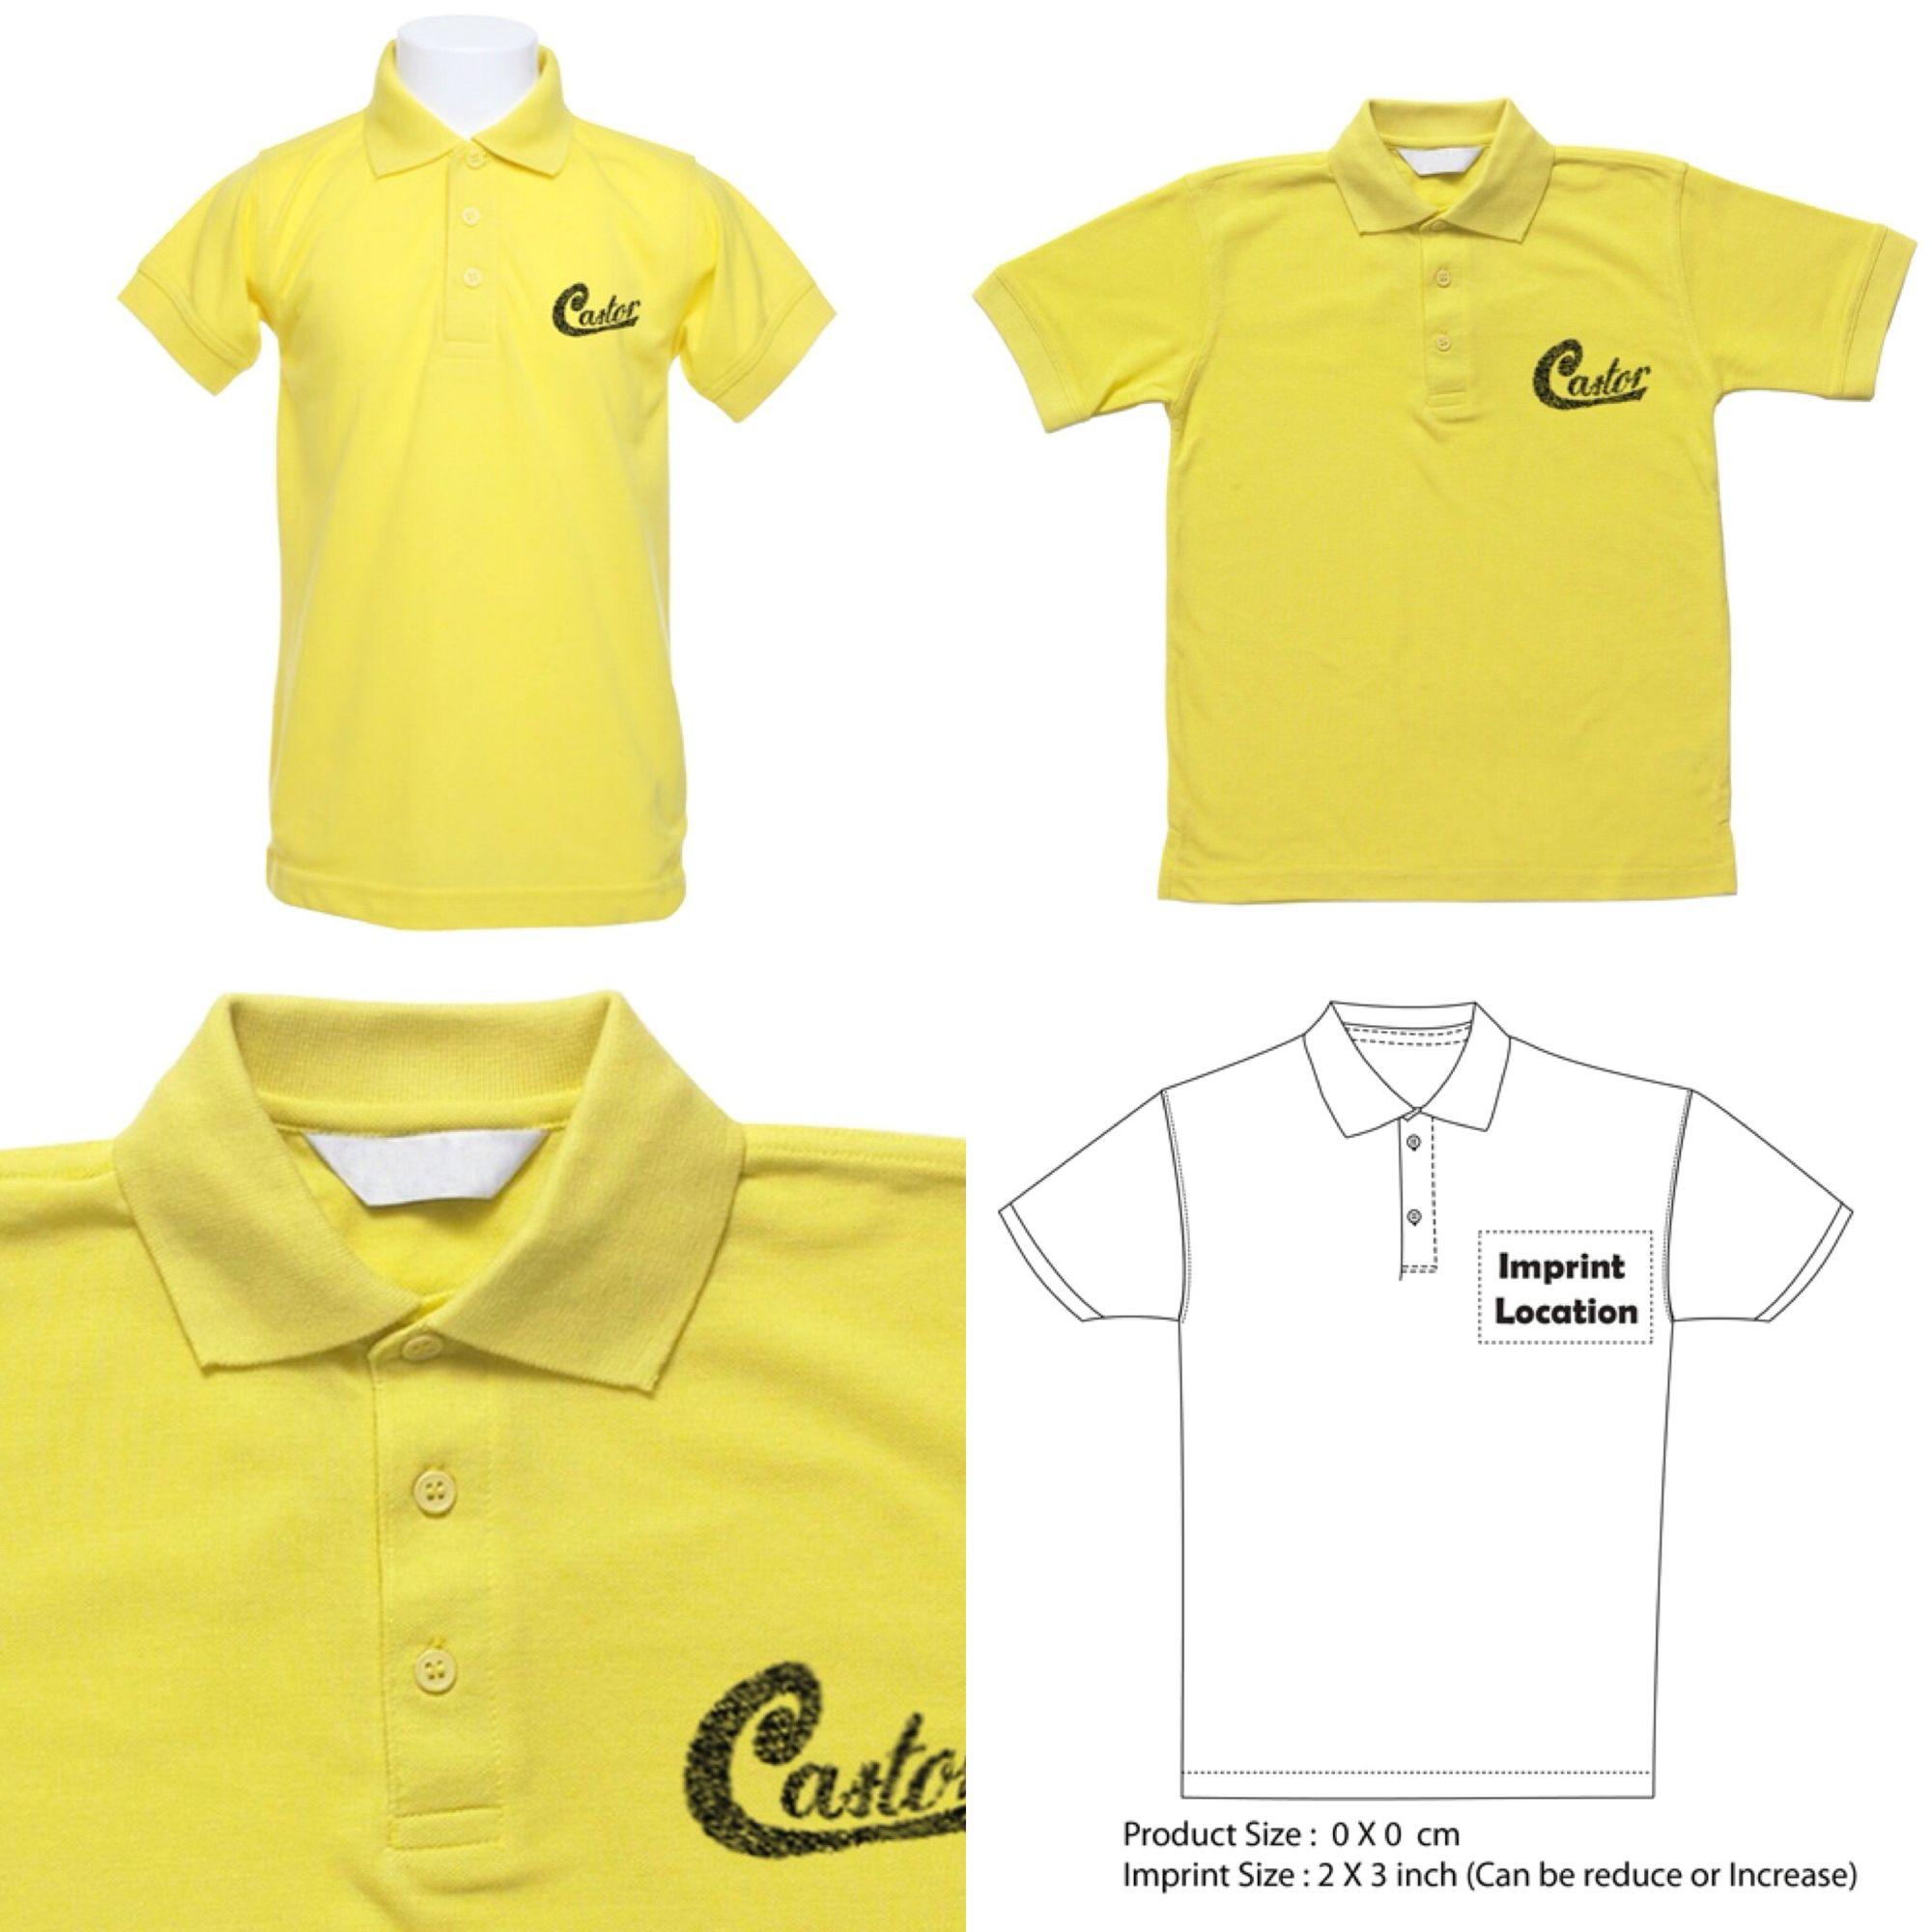 هدية اعلانية مميزة تساعدك اعلان اسم شركتك على اكبر عدد من الجمهور تيشرت اطفال قطن بولو طباعة مجانا Mens Tops Men S Polo Shirt Shirts